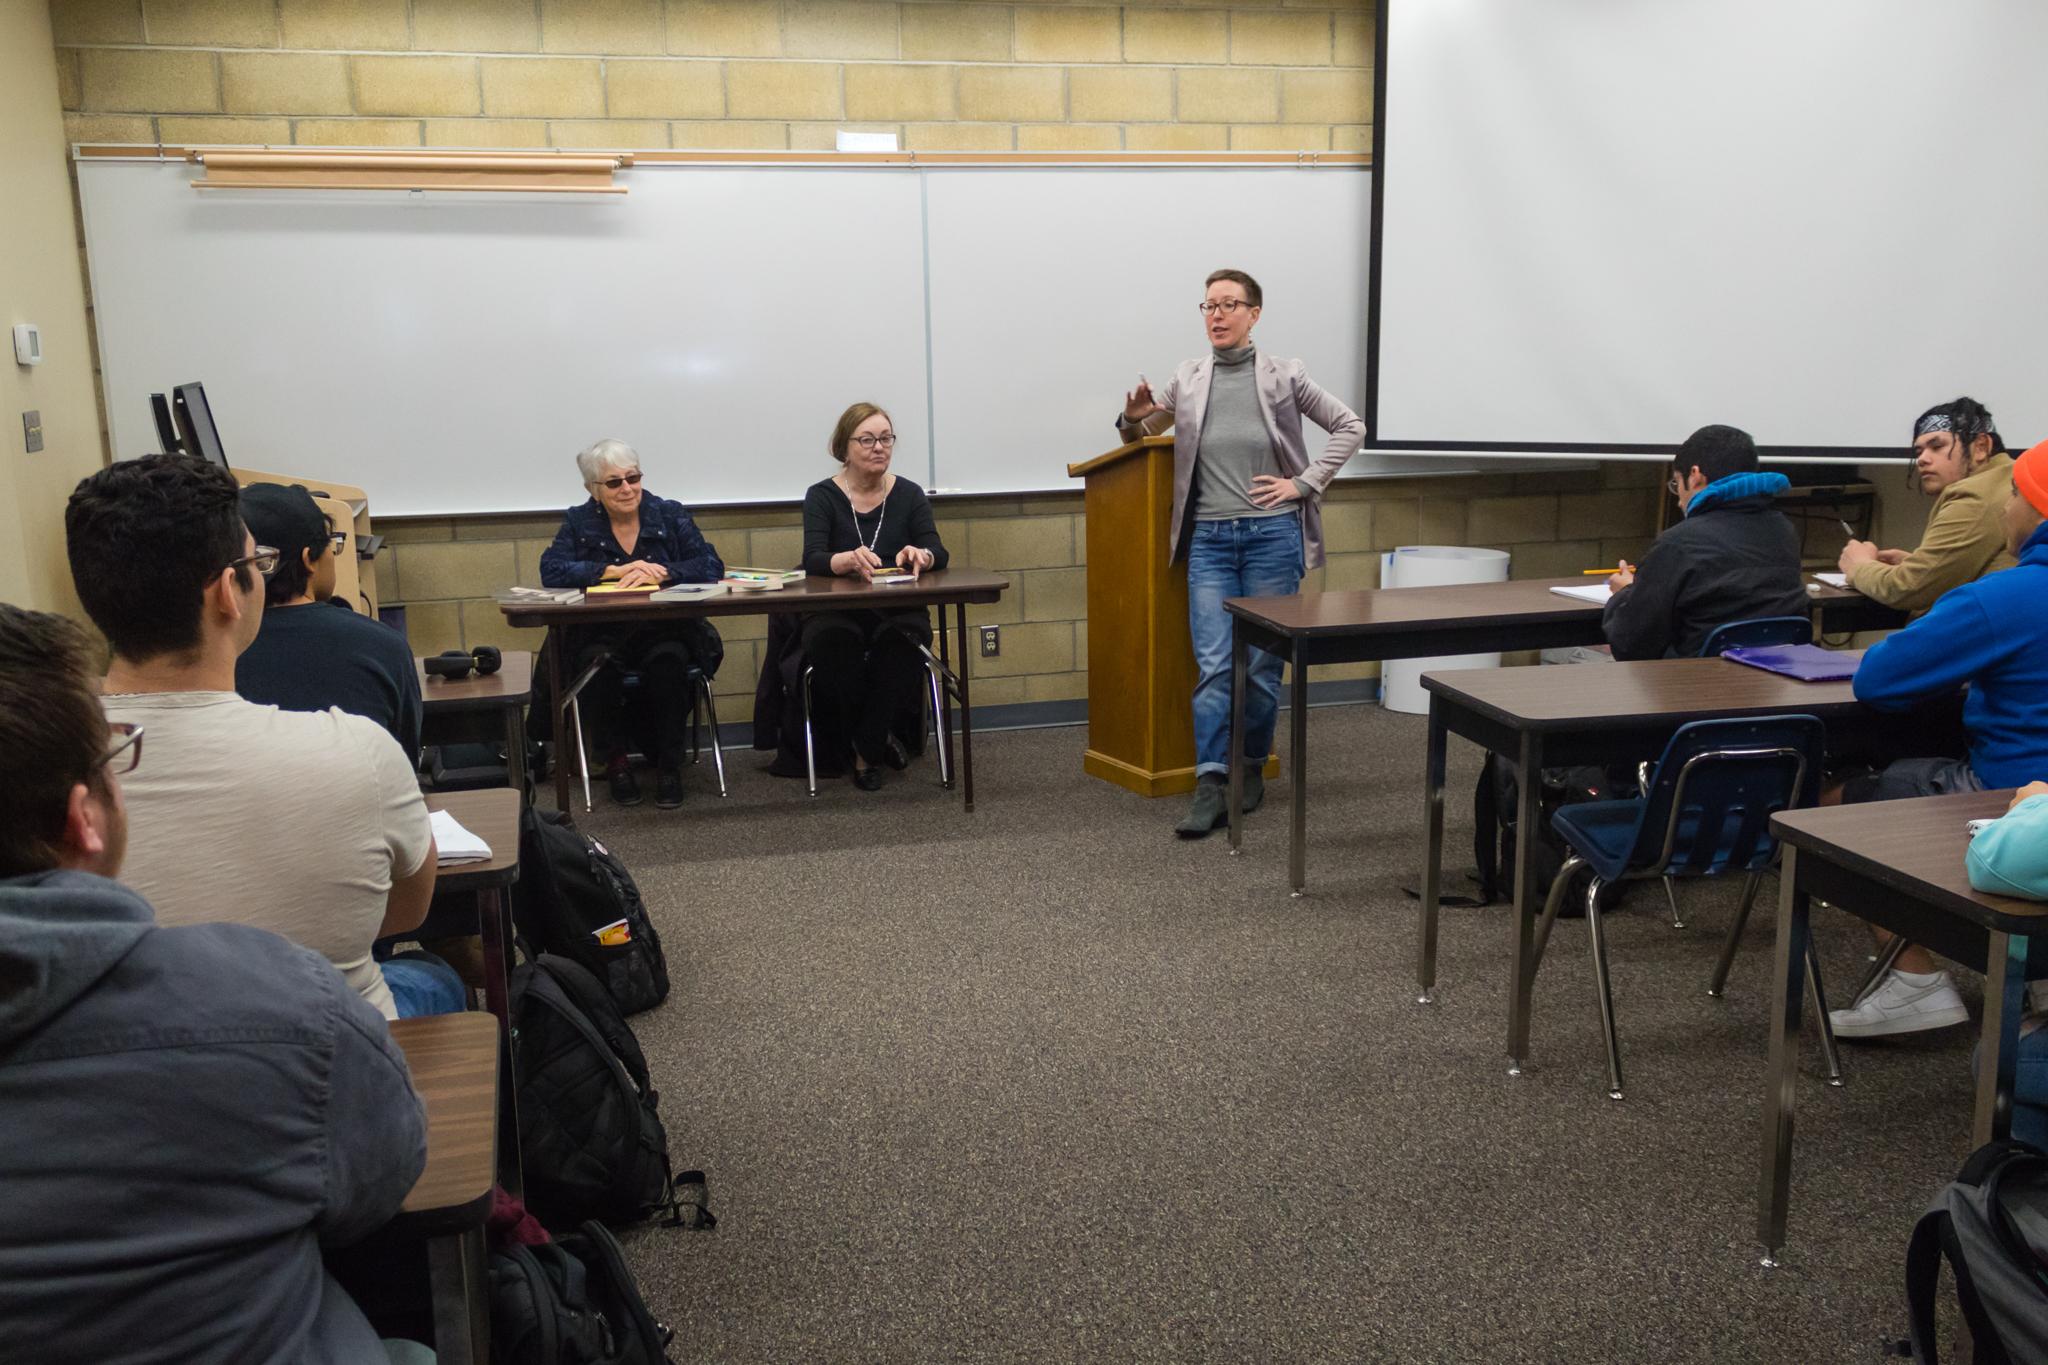 Allison Palumbo speaking to full classroom